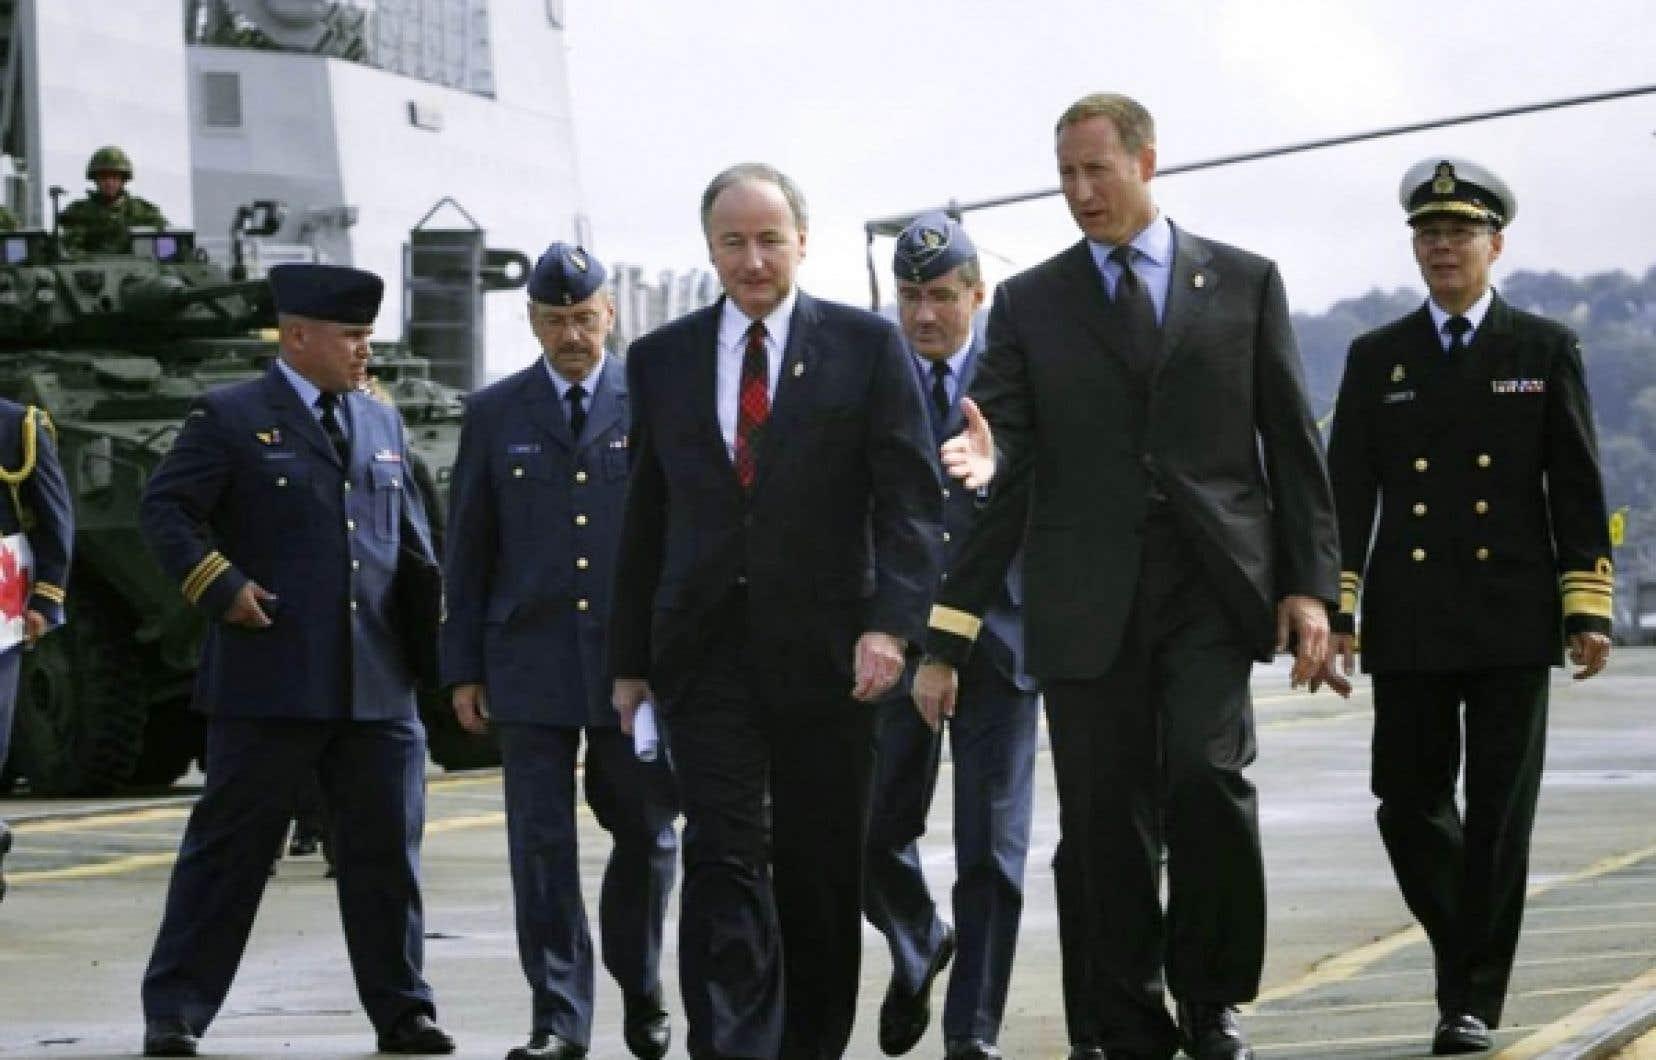 Les ministres fédéraux de la Justice et de la Défense, Rob Nicholson et Peter MacKay, ont annoncé officiellement de nouvelles nomenclatures pour différents corps de l'armée, en y ajoutant la mention «royale». <br />